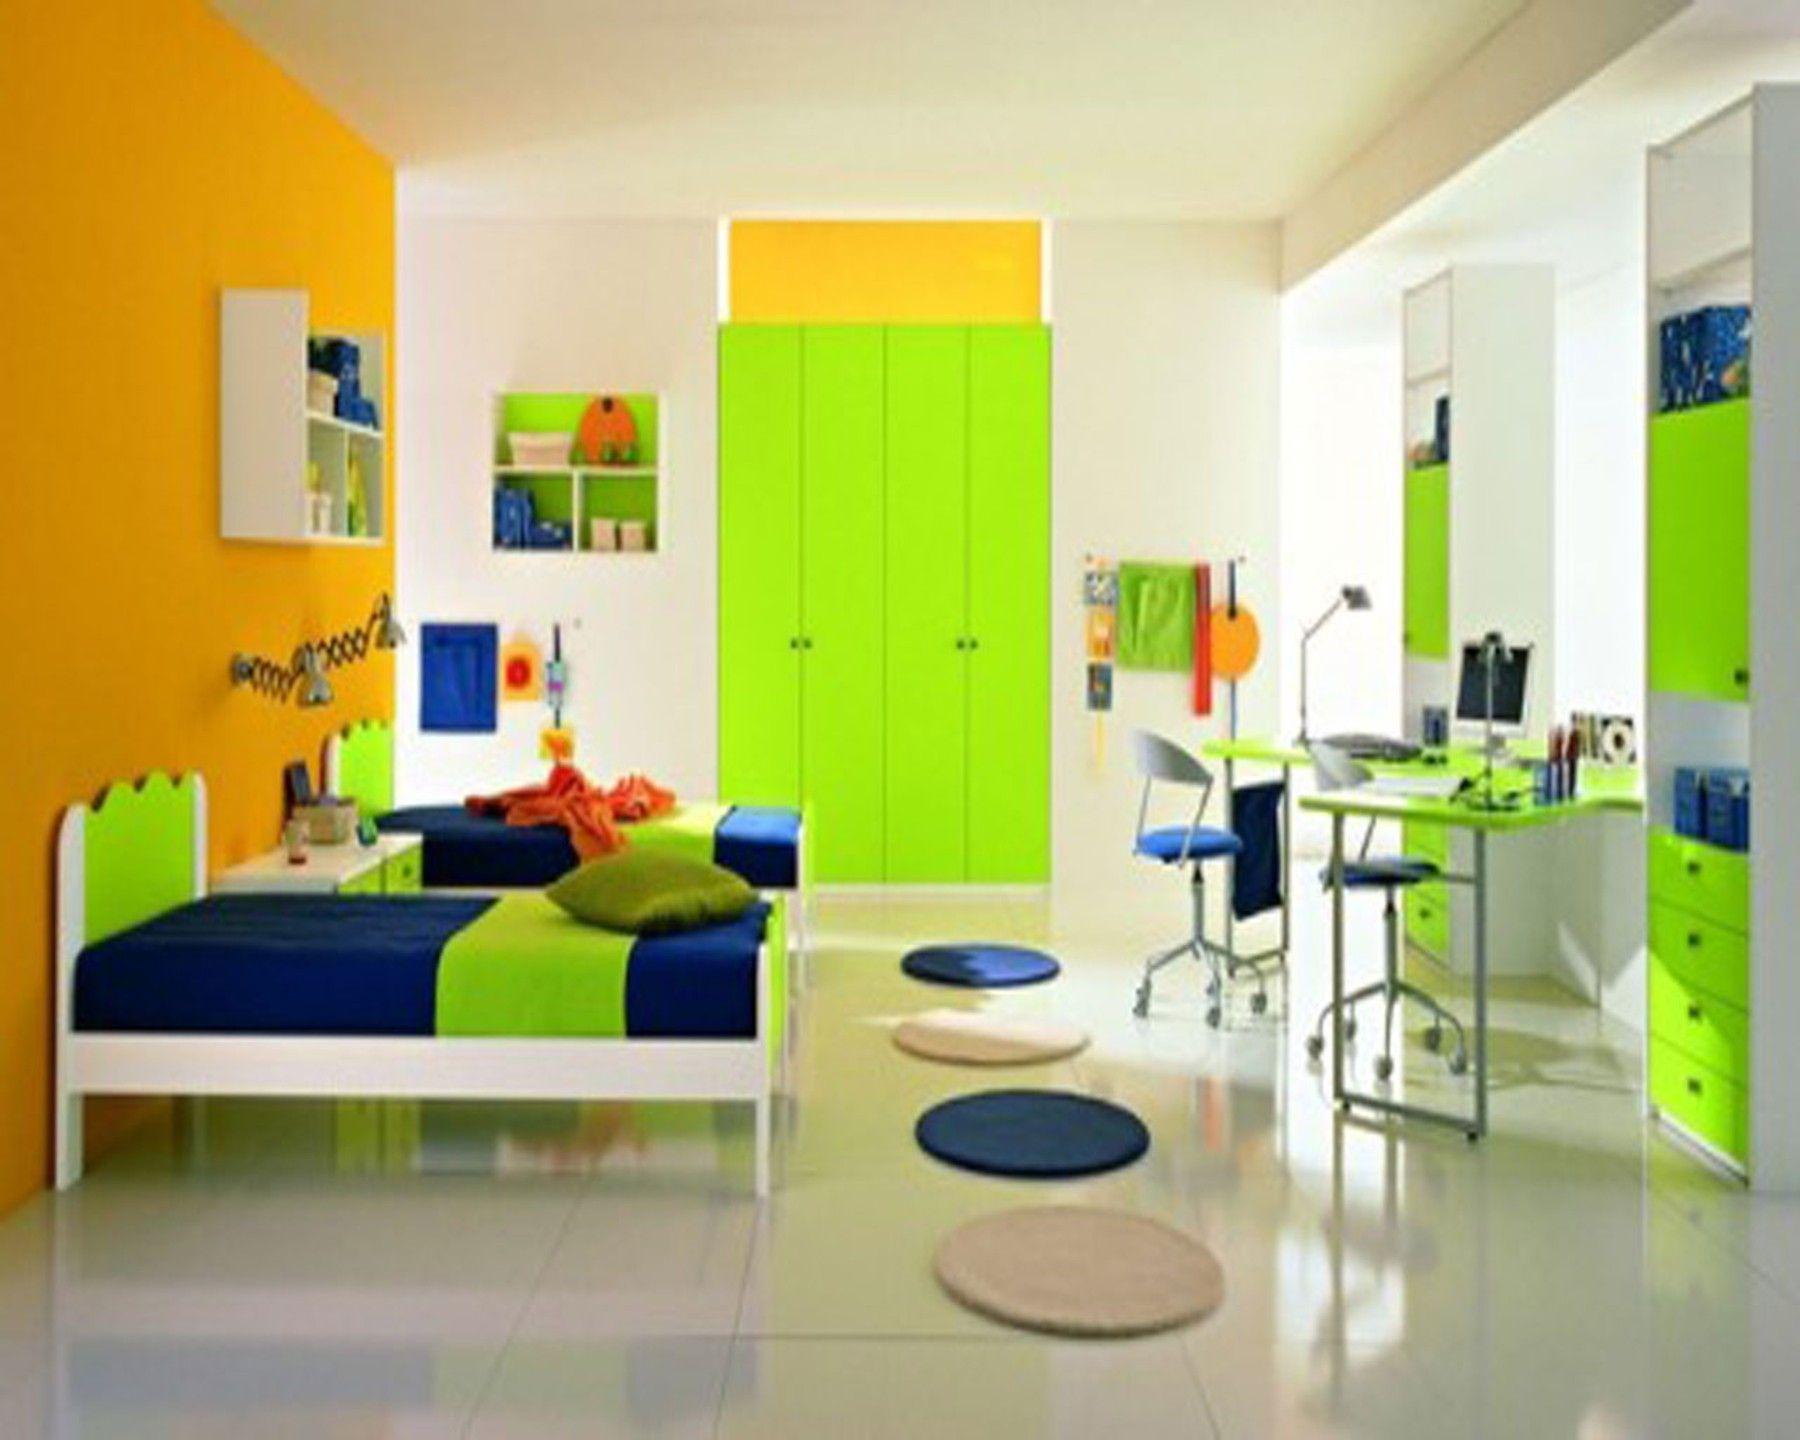 Children Room Design دهانات غرف نوم أطفال باللون الأخضر | غرف أطفال | pinterest